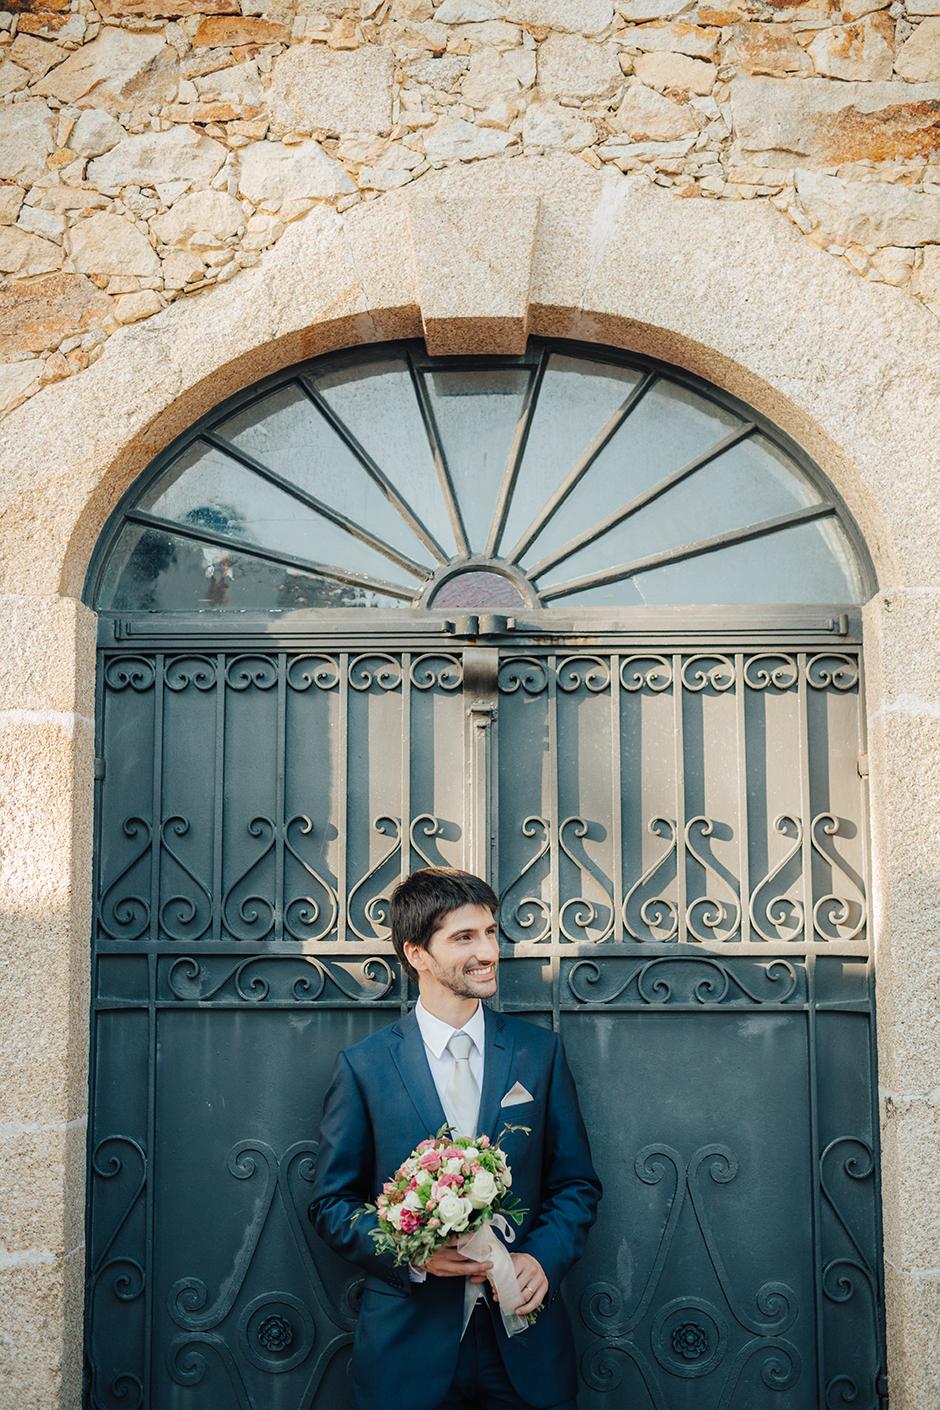 Wedding Casamento Jaime Neto Photography S+S Maio 2015_061